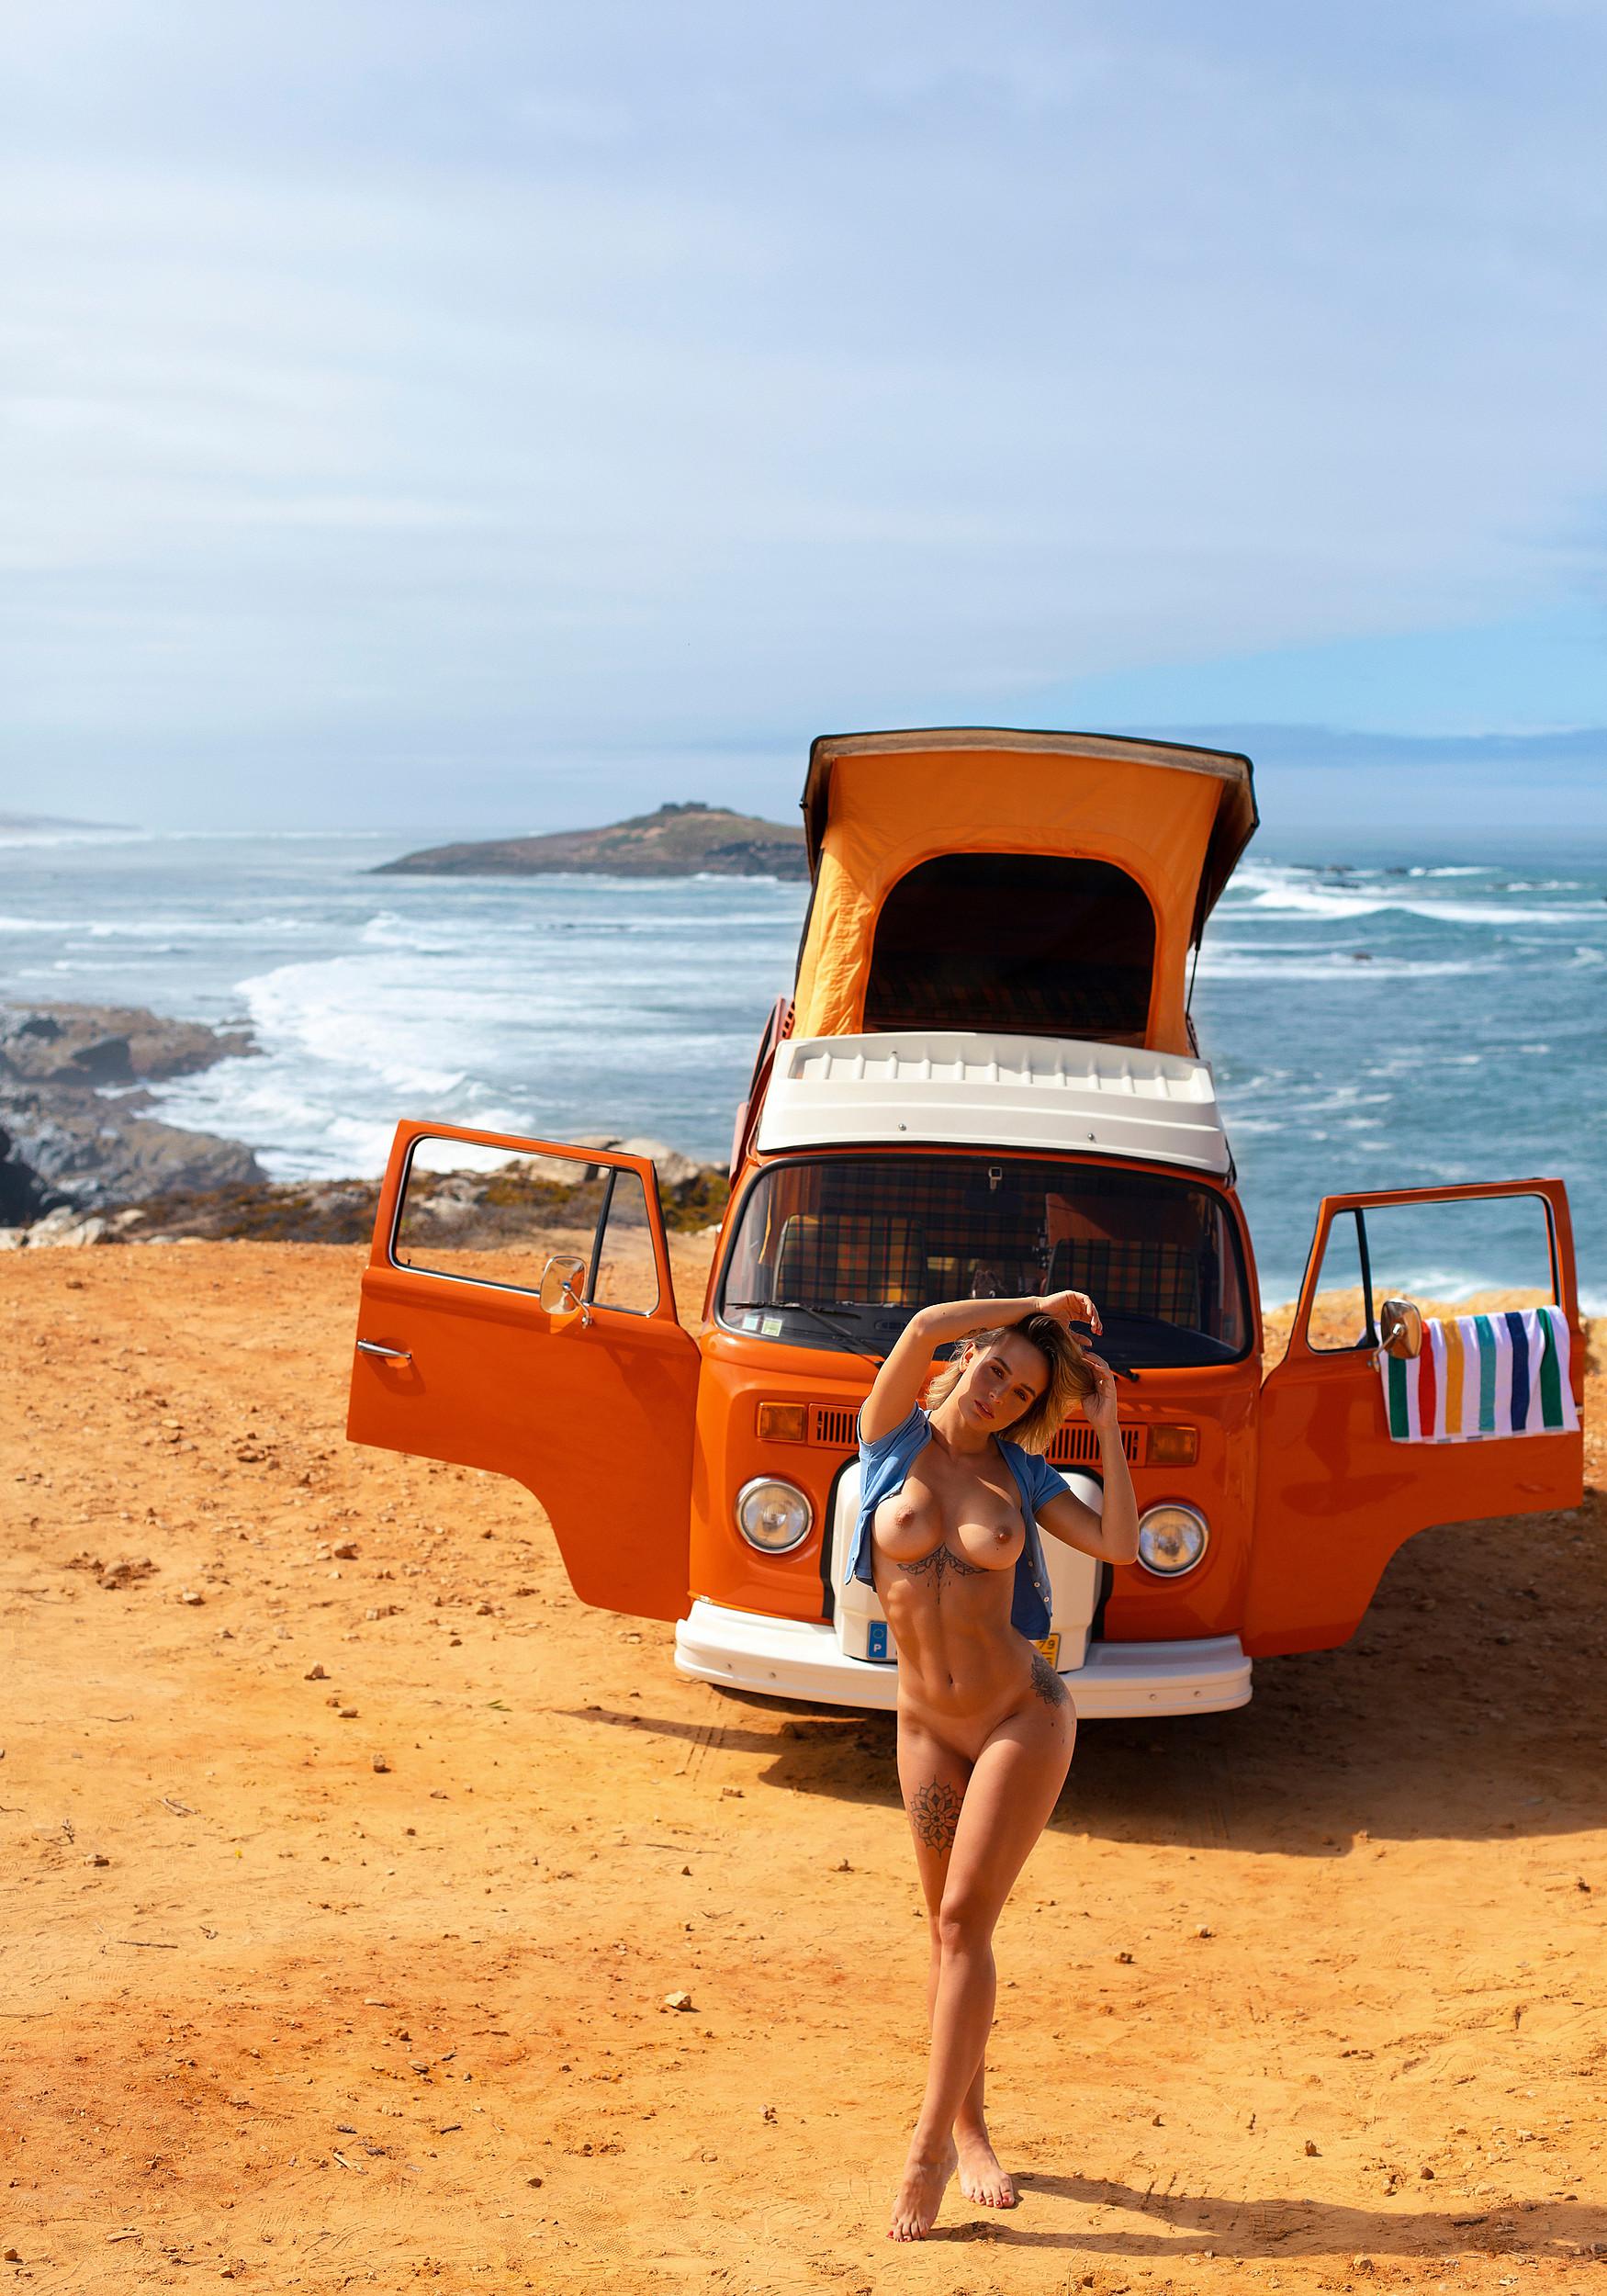 julia-rommelt-naked-tattoos-camper-seaside-december-2020-germany-playboy-24